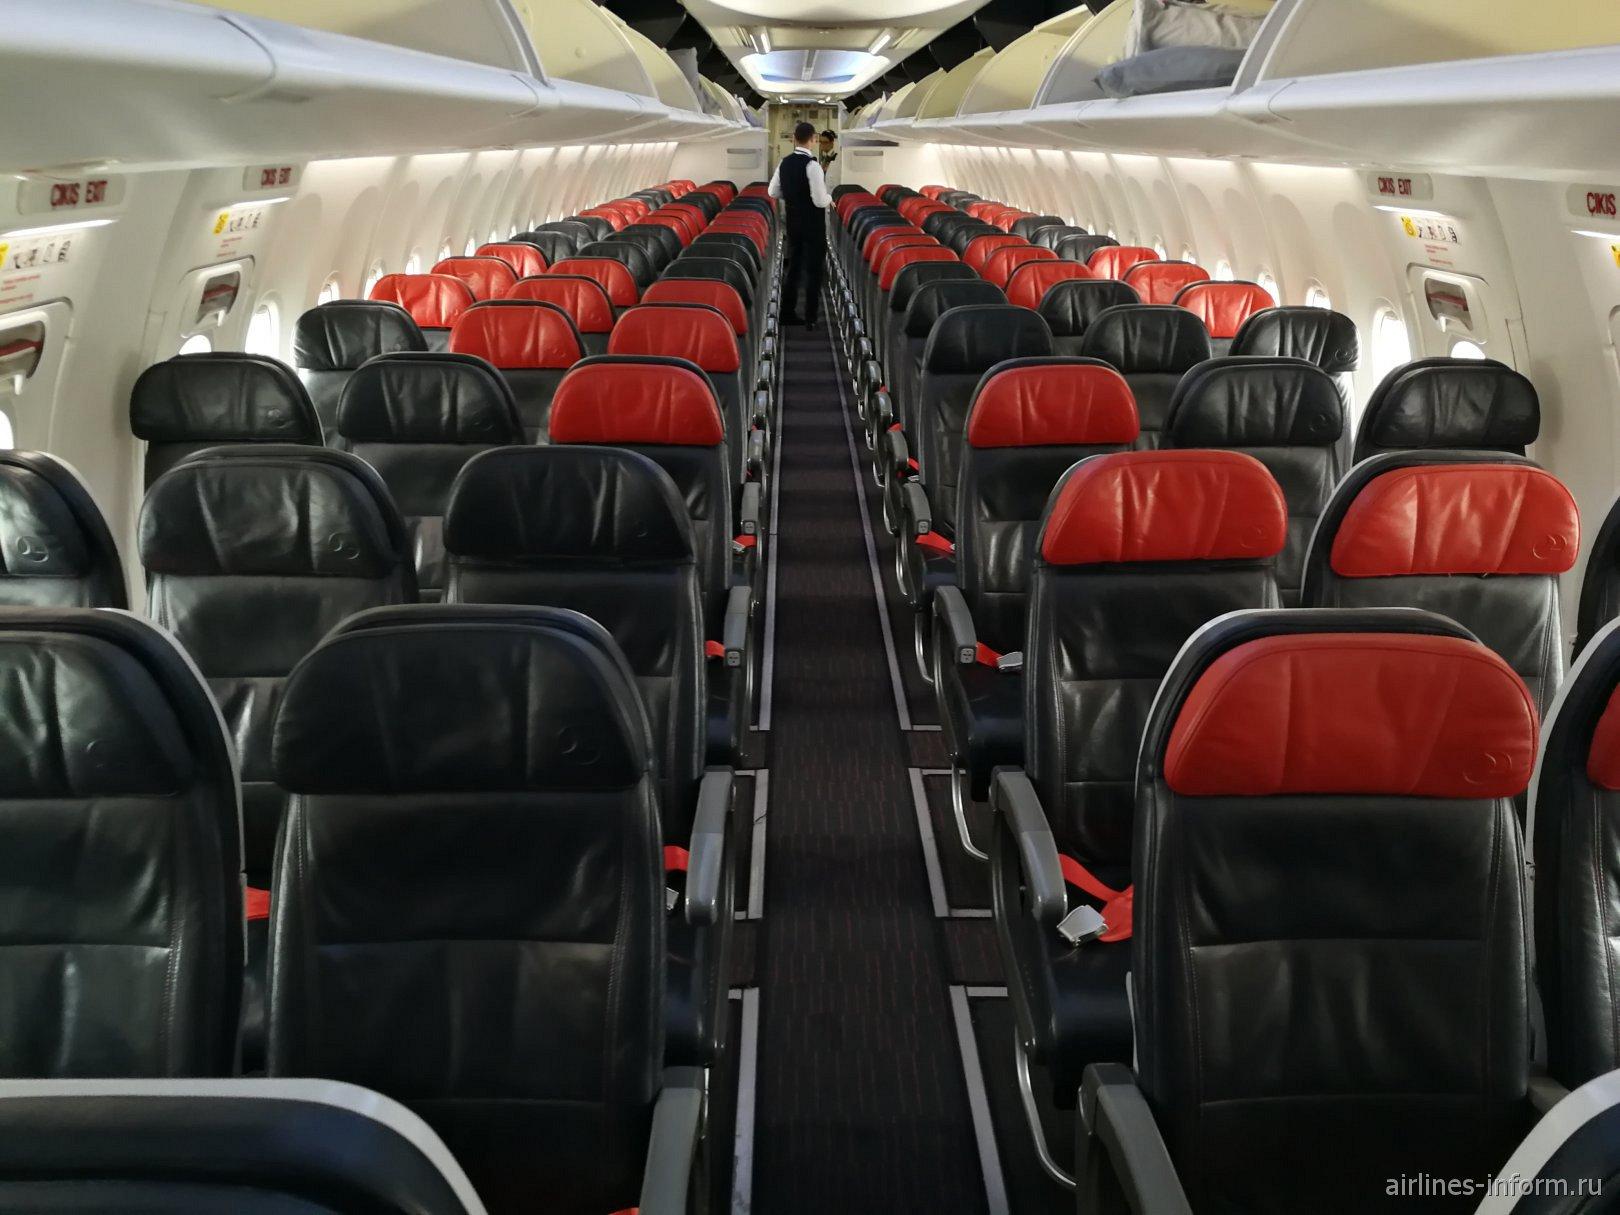 Салон экономического класса в Боинге-737-800 Турецких авиалиний